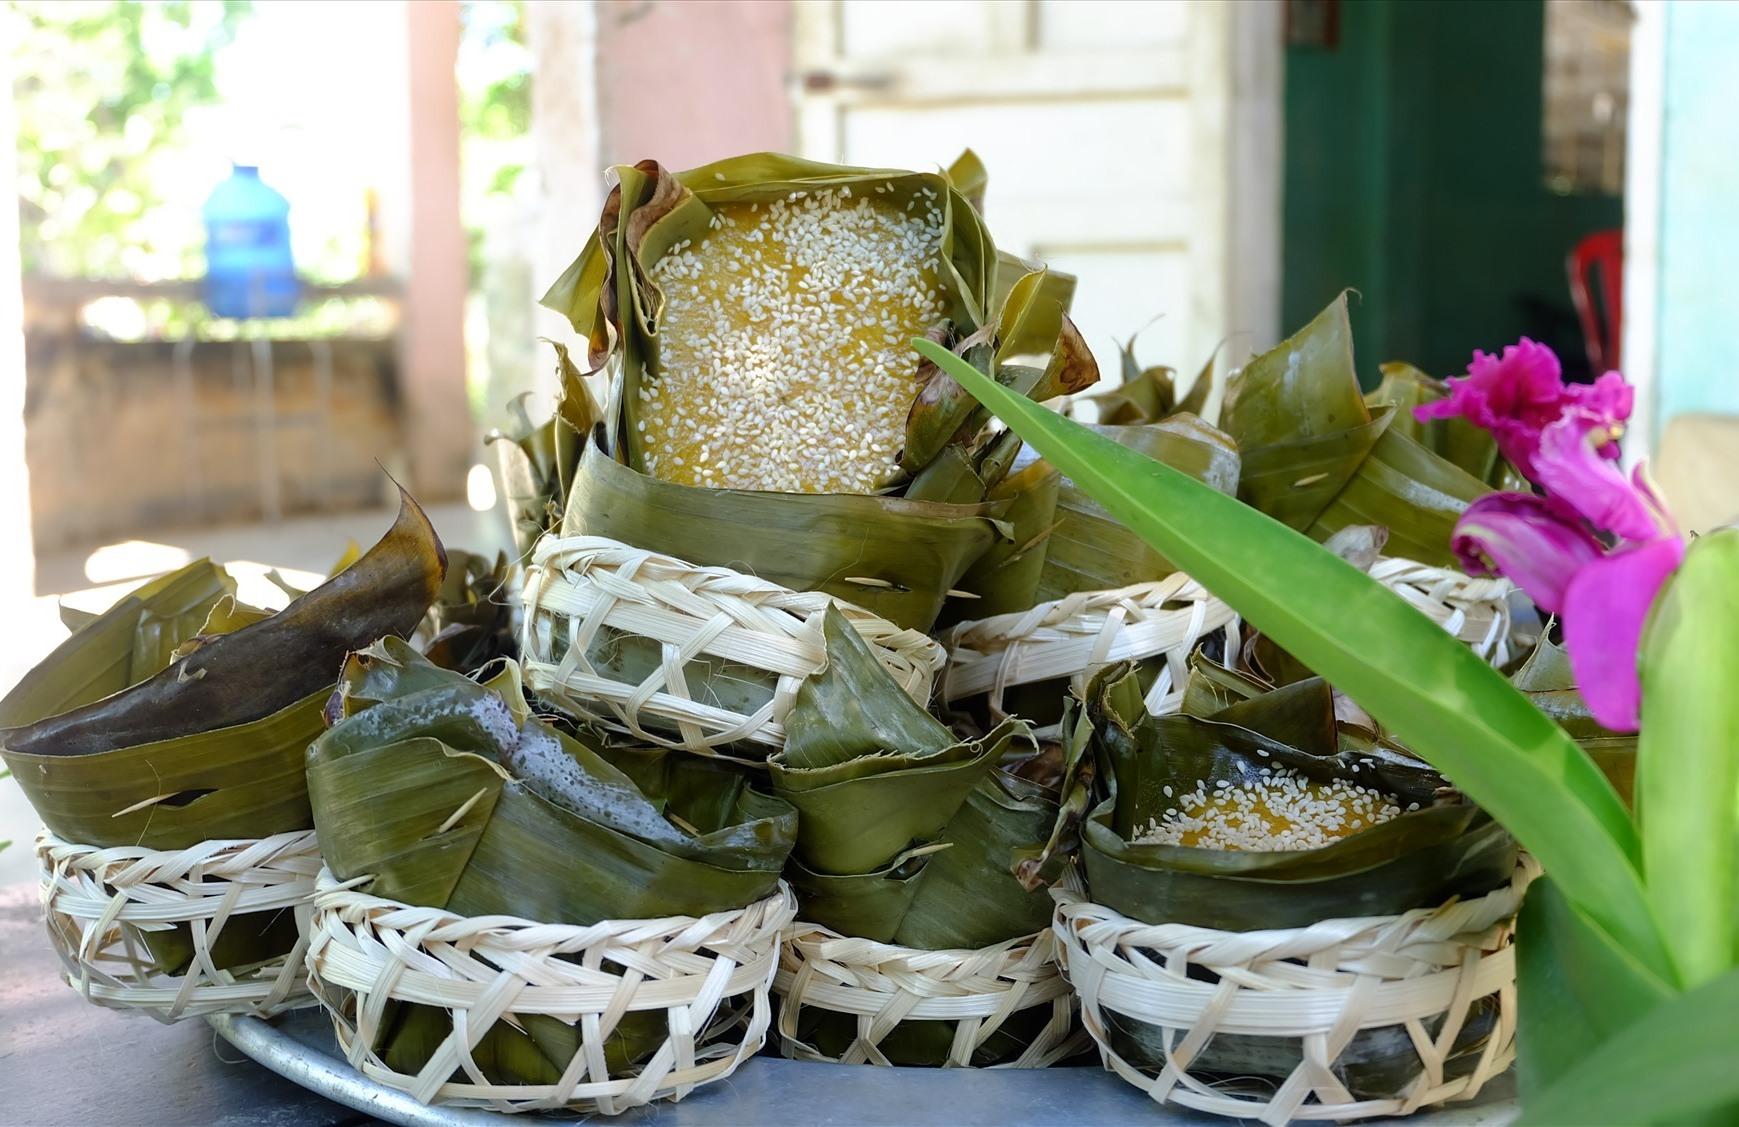 Bánh Tổ là một hương vị rất đặc trưng trong ngày lễ tết của người Việt. Ảnh: M.L